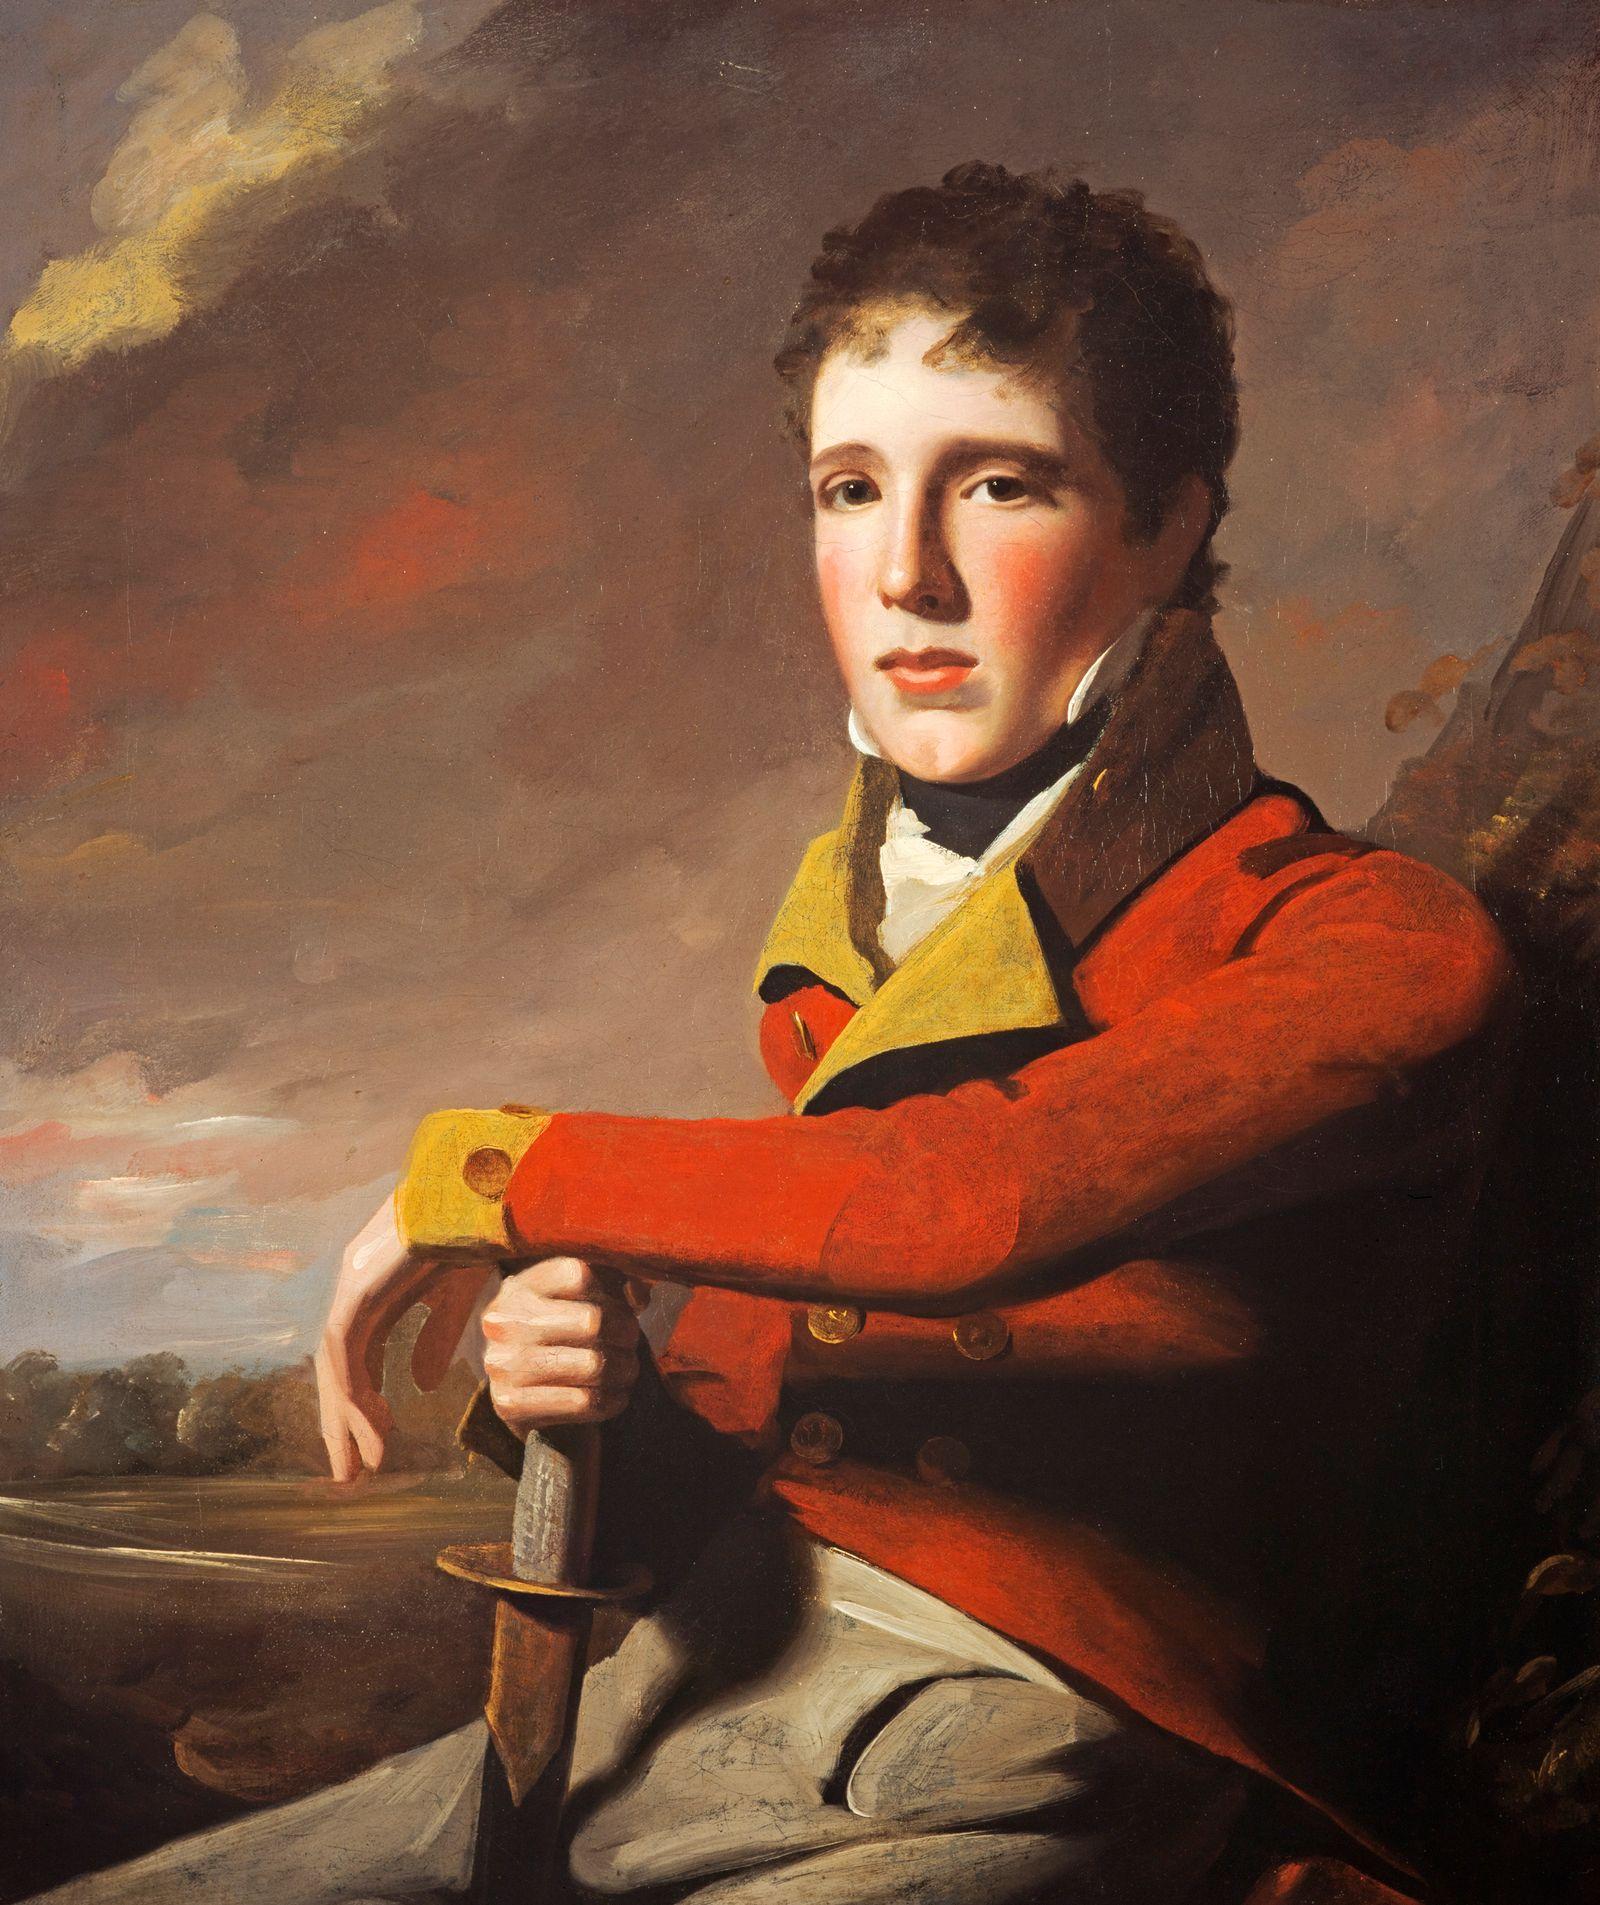 Gregor MacGregor, 1786 - 1845. Adventurer